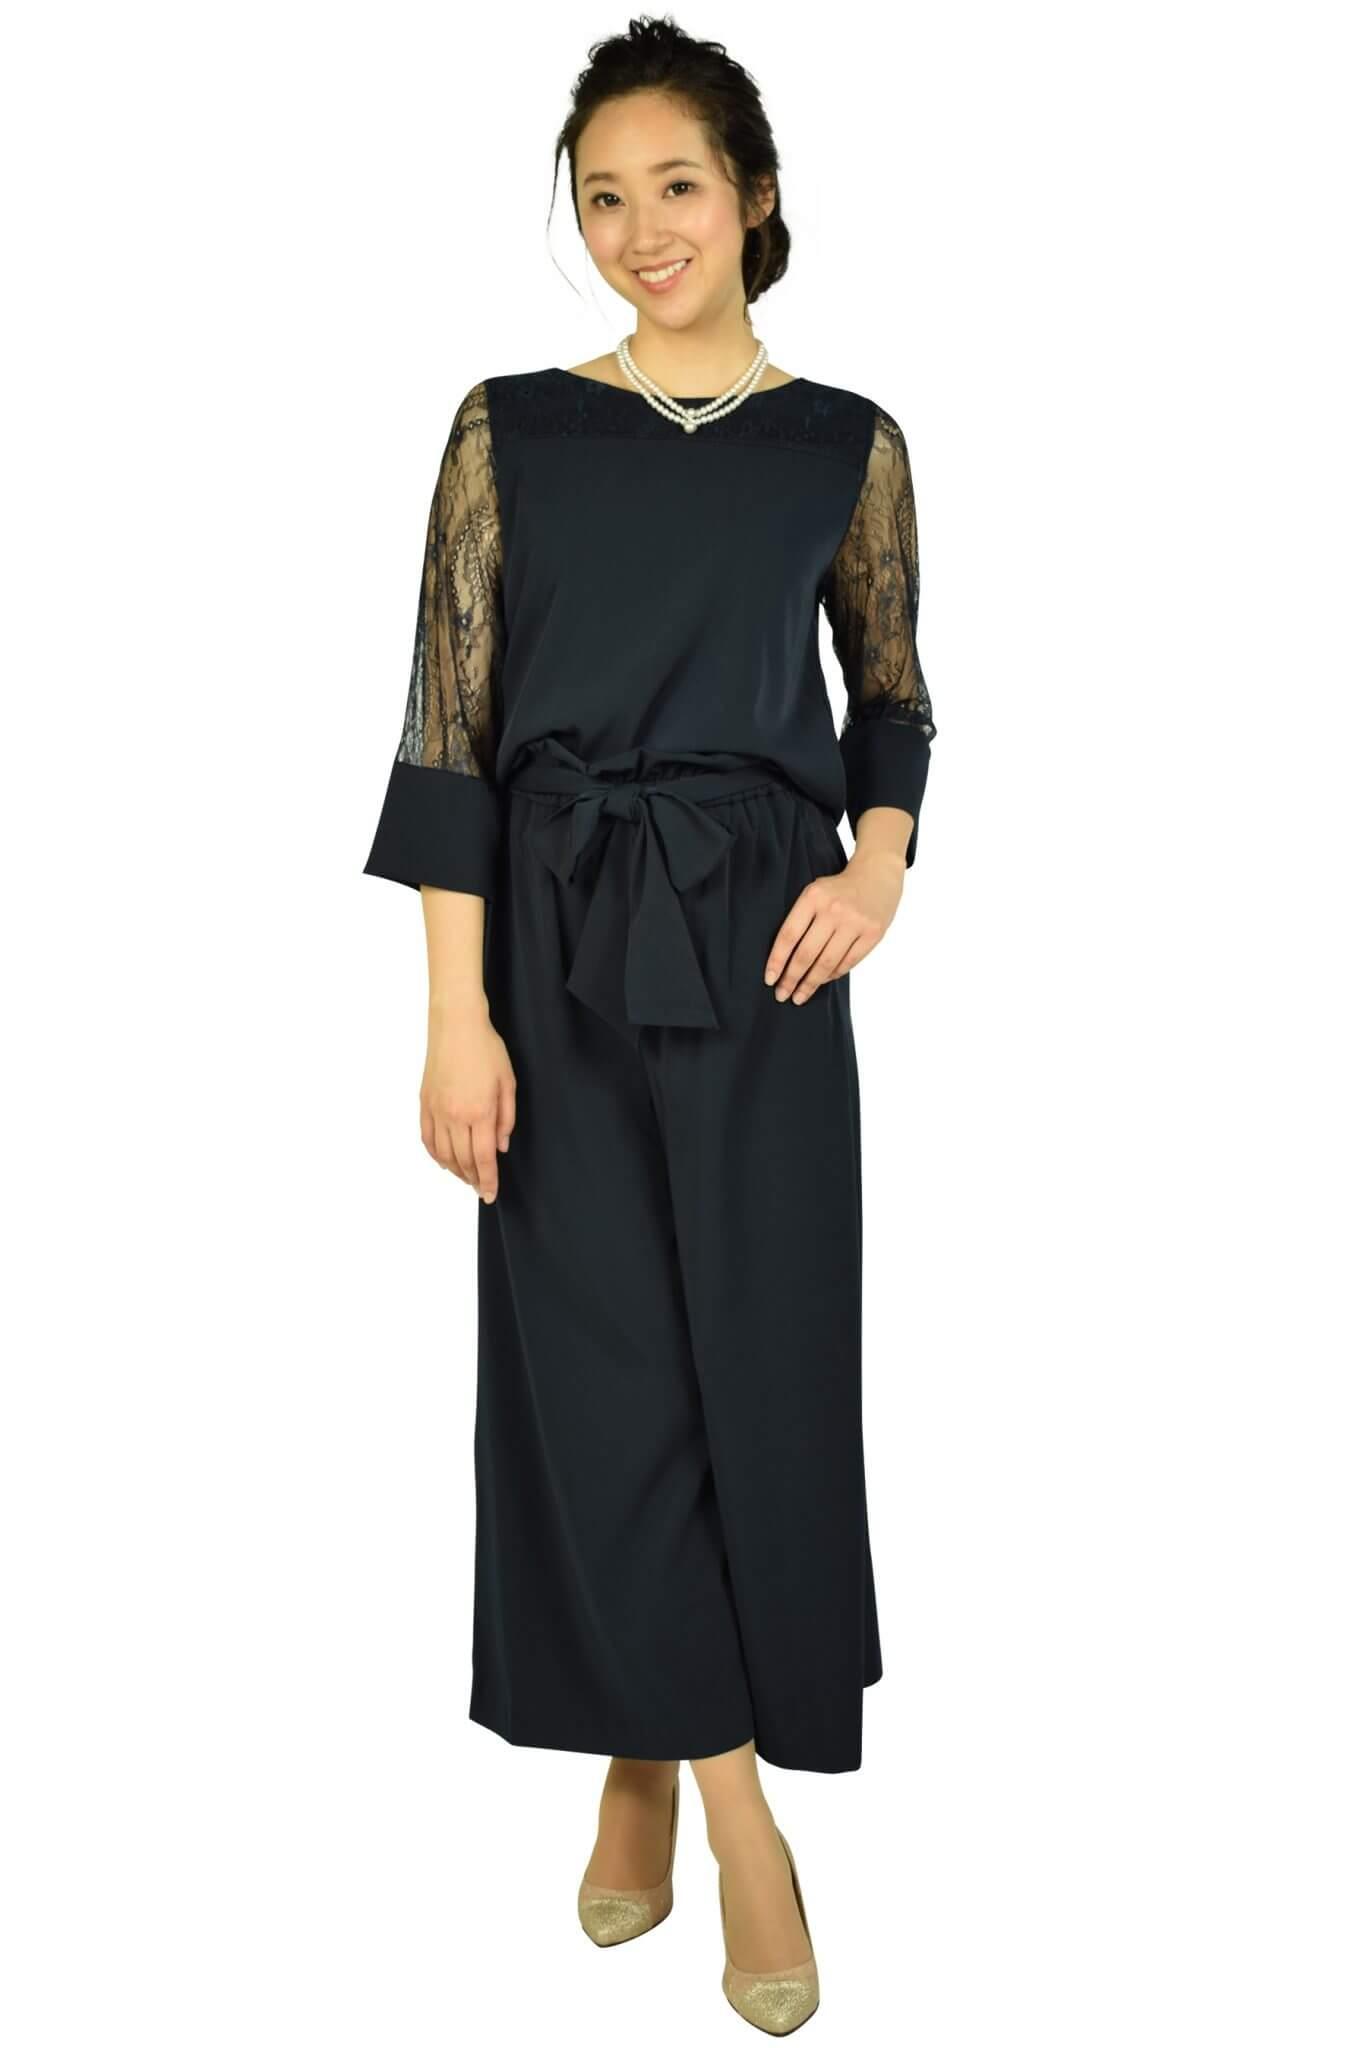 エルモソ (Hermoso)ワイドパンツセットアップネイビードレス